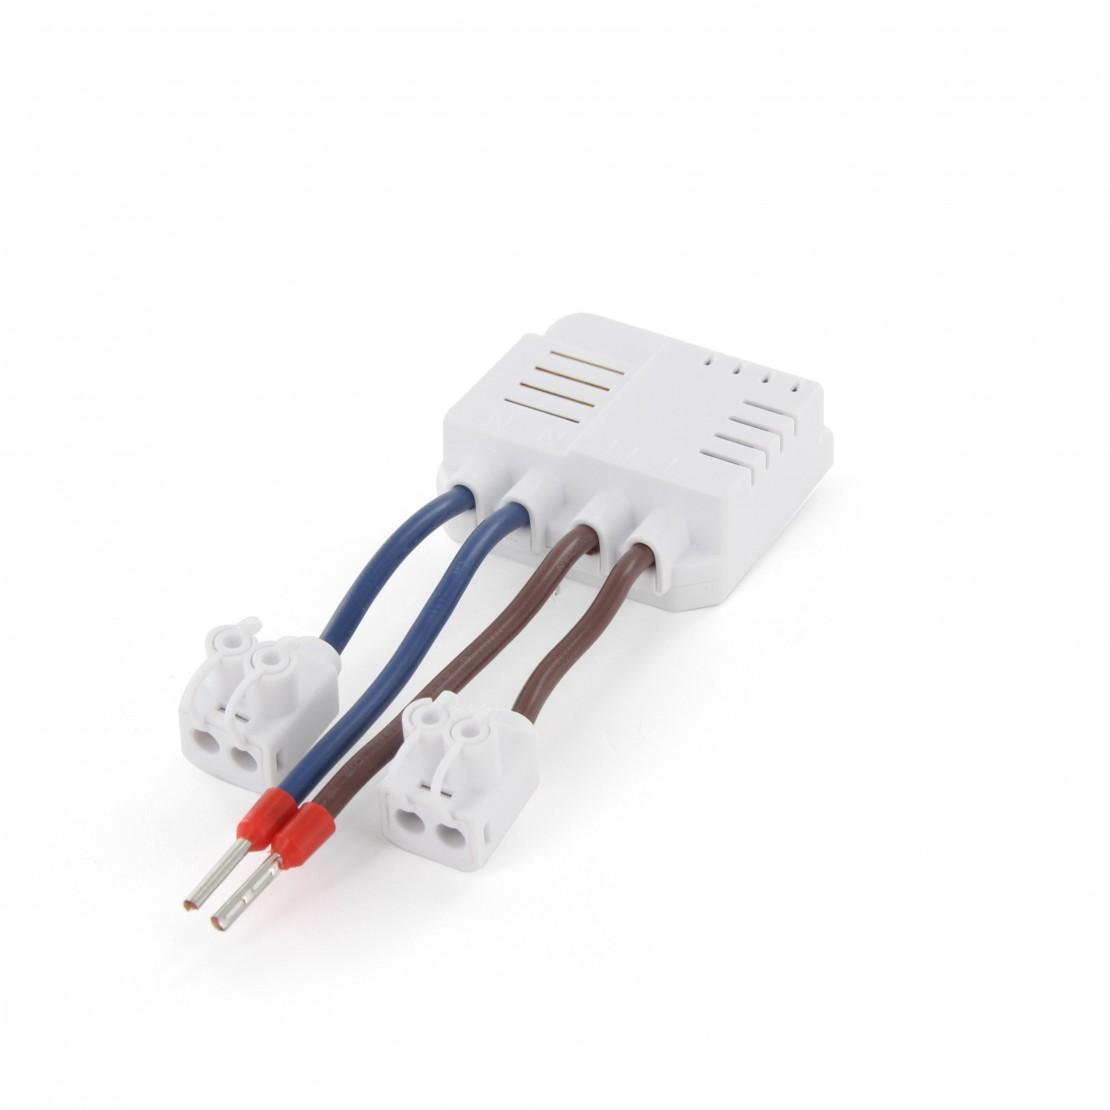 Micromodule pour prise encastr ée (3500W)